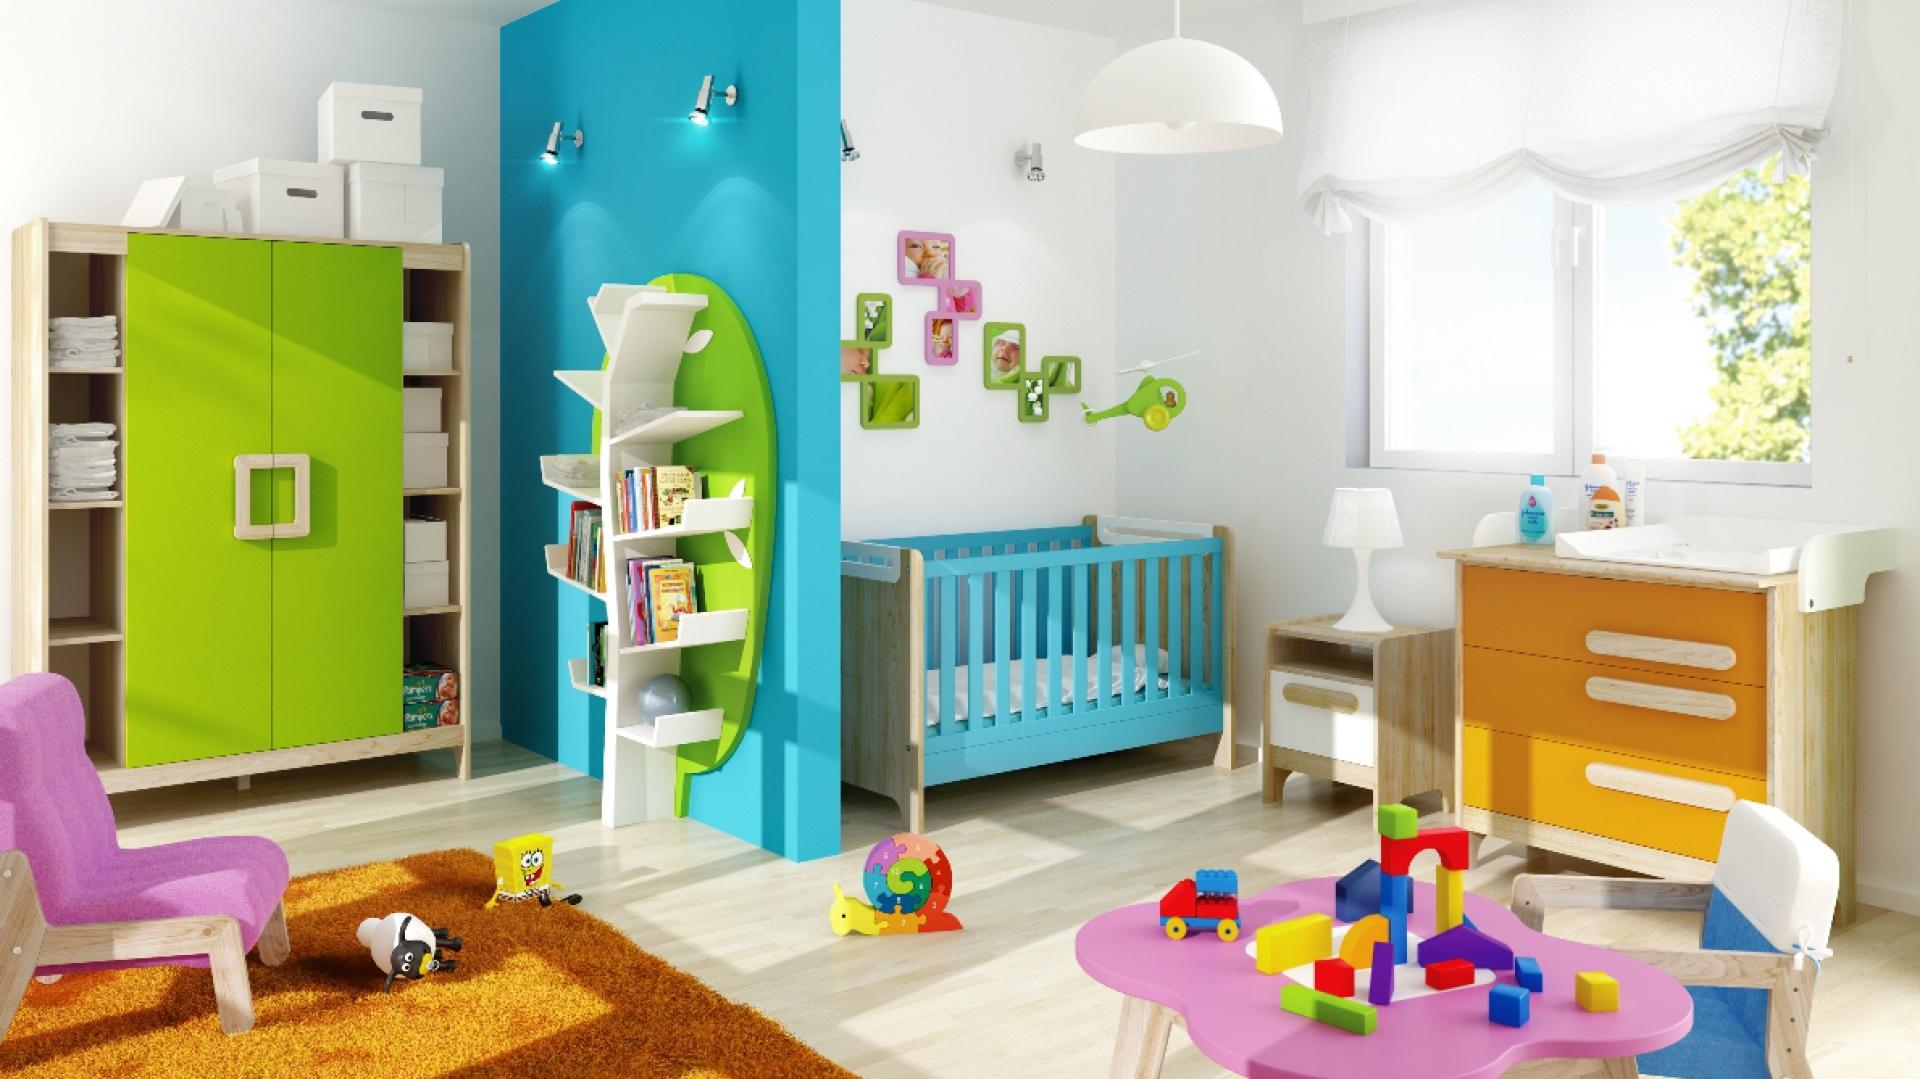 Aby wszystko miało swoje miejsce, w pokoju dziecka powinien znaleźć się zestaw mebli z funkcją przechowywania: komoda, szafa oraz półki na książki czy płyty. Kolekcja First marki Timoore. Fot. Tomoore.